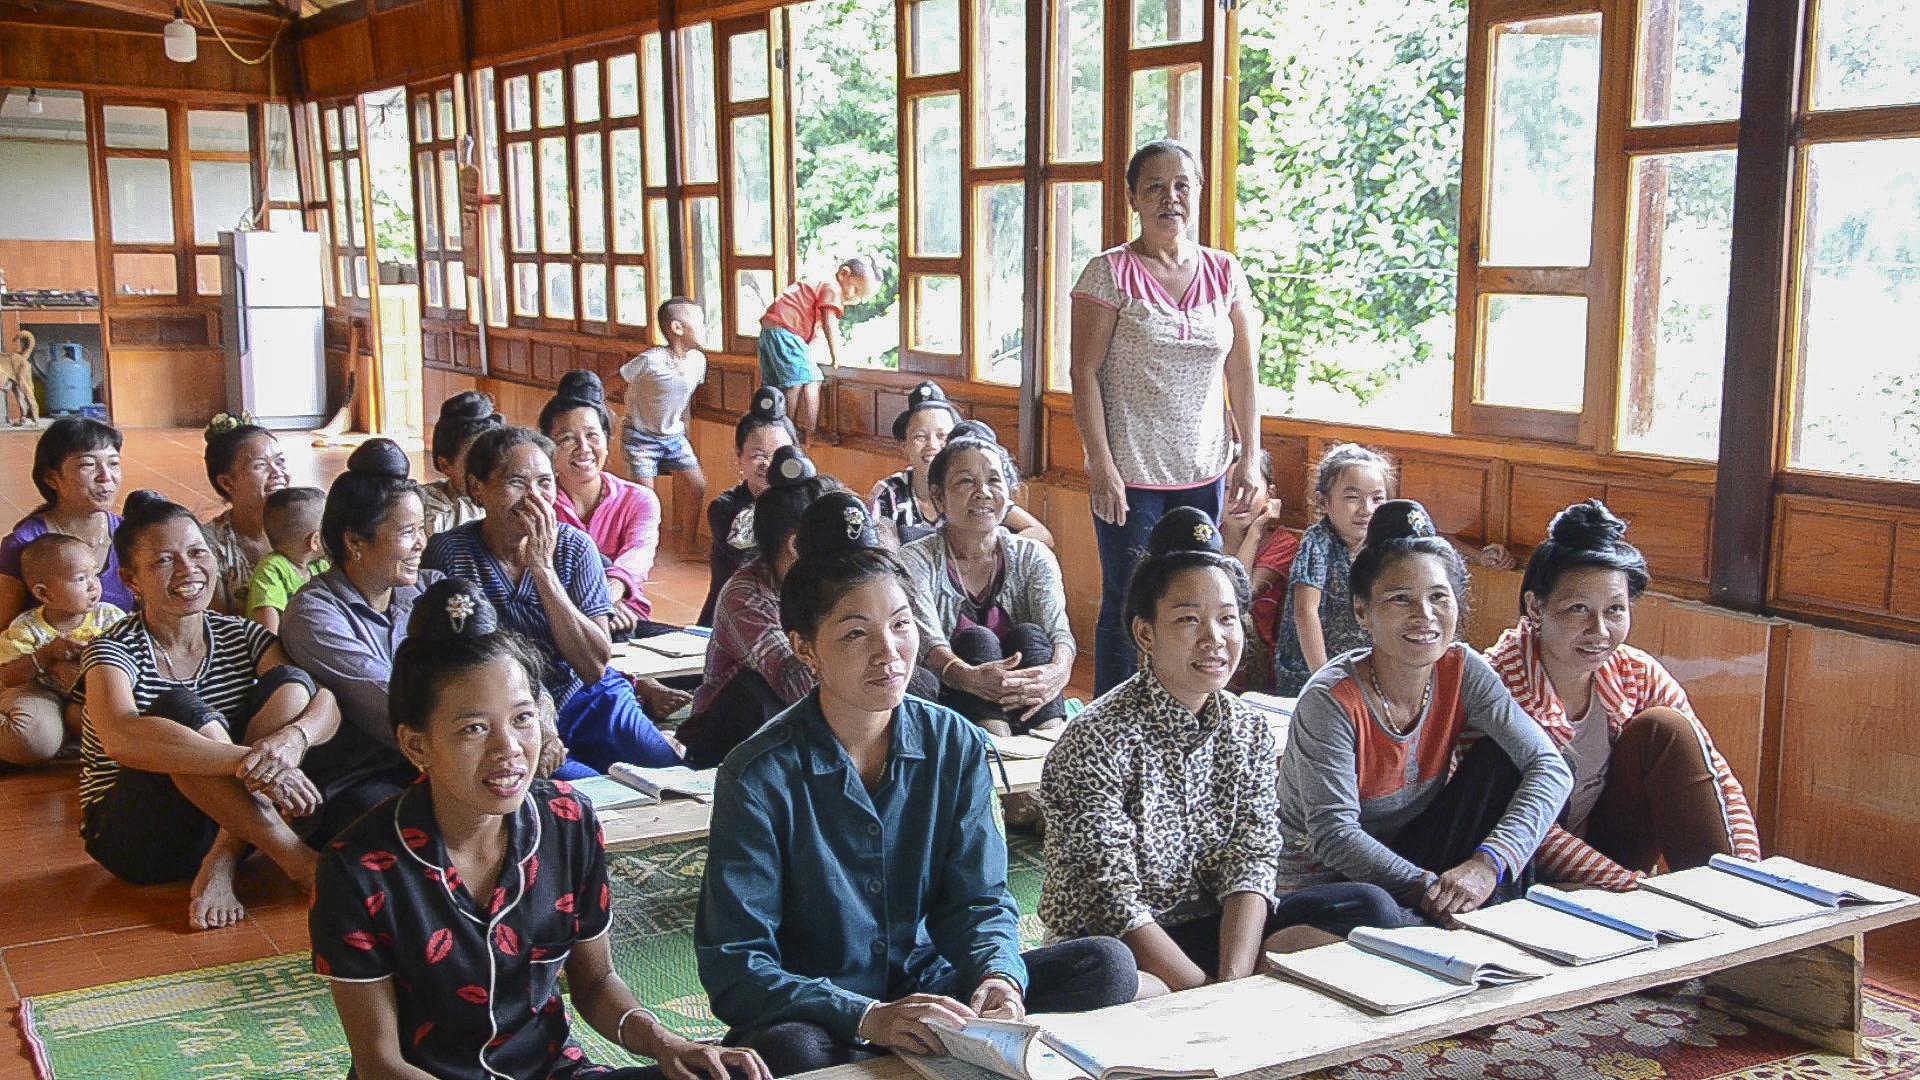 Lớp học đặc biệt dưới chân núi Pom Có ở xã Quài Cang, huyện Tuần Giáo, tỉnh Điện Biên (10/8/2019)